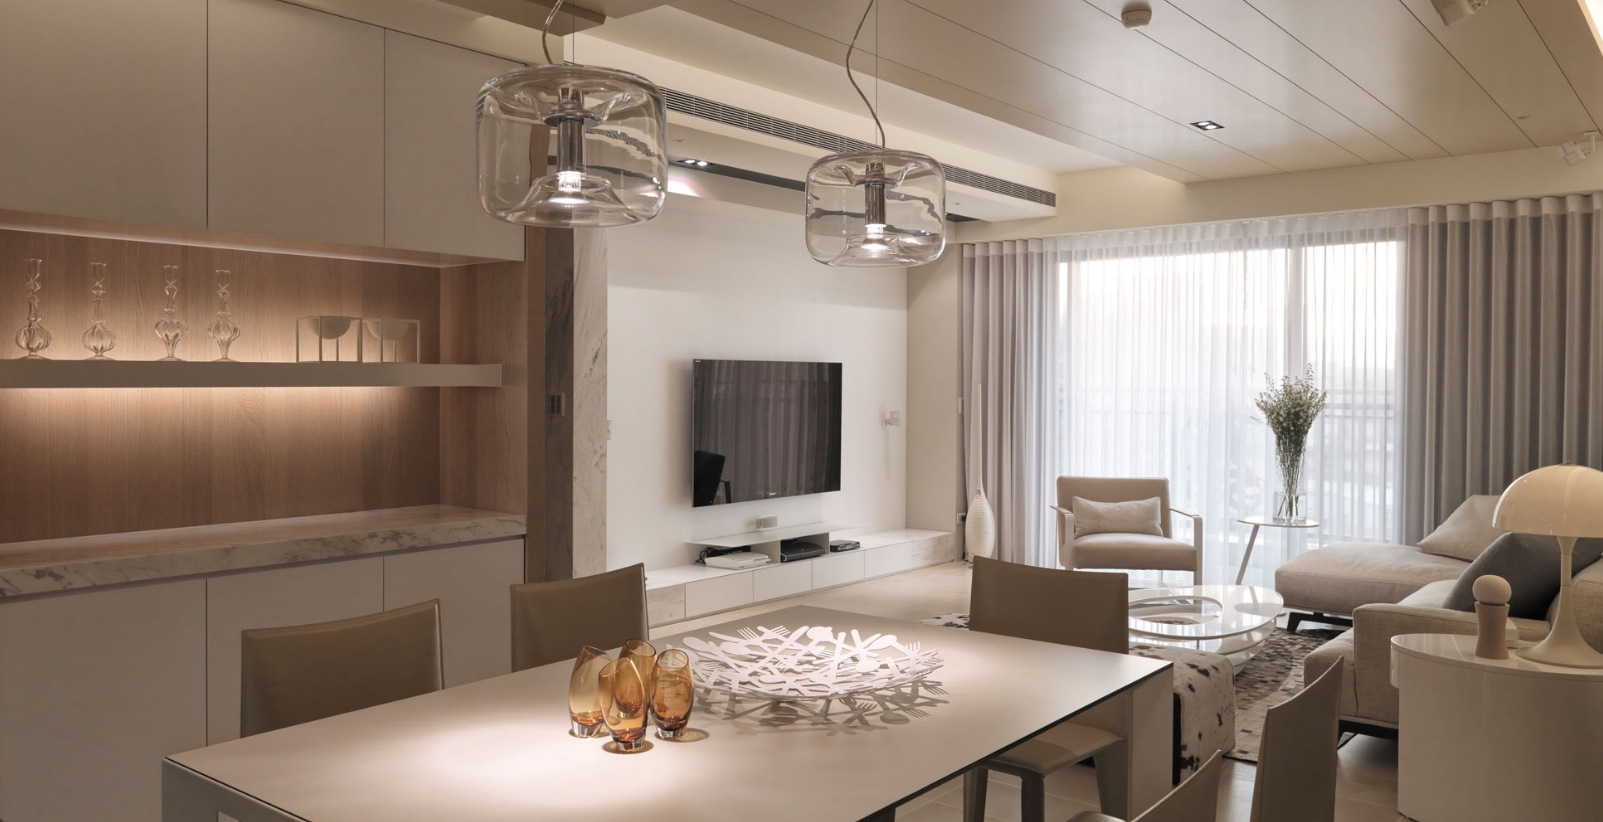 Bien connu Mini appartamenti: 5 soluzioni sorprendenti dai 40 ai 50 mq - Casa.it MD74